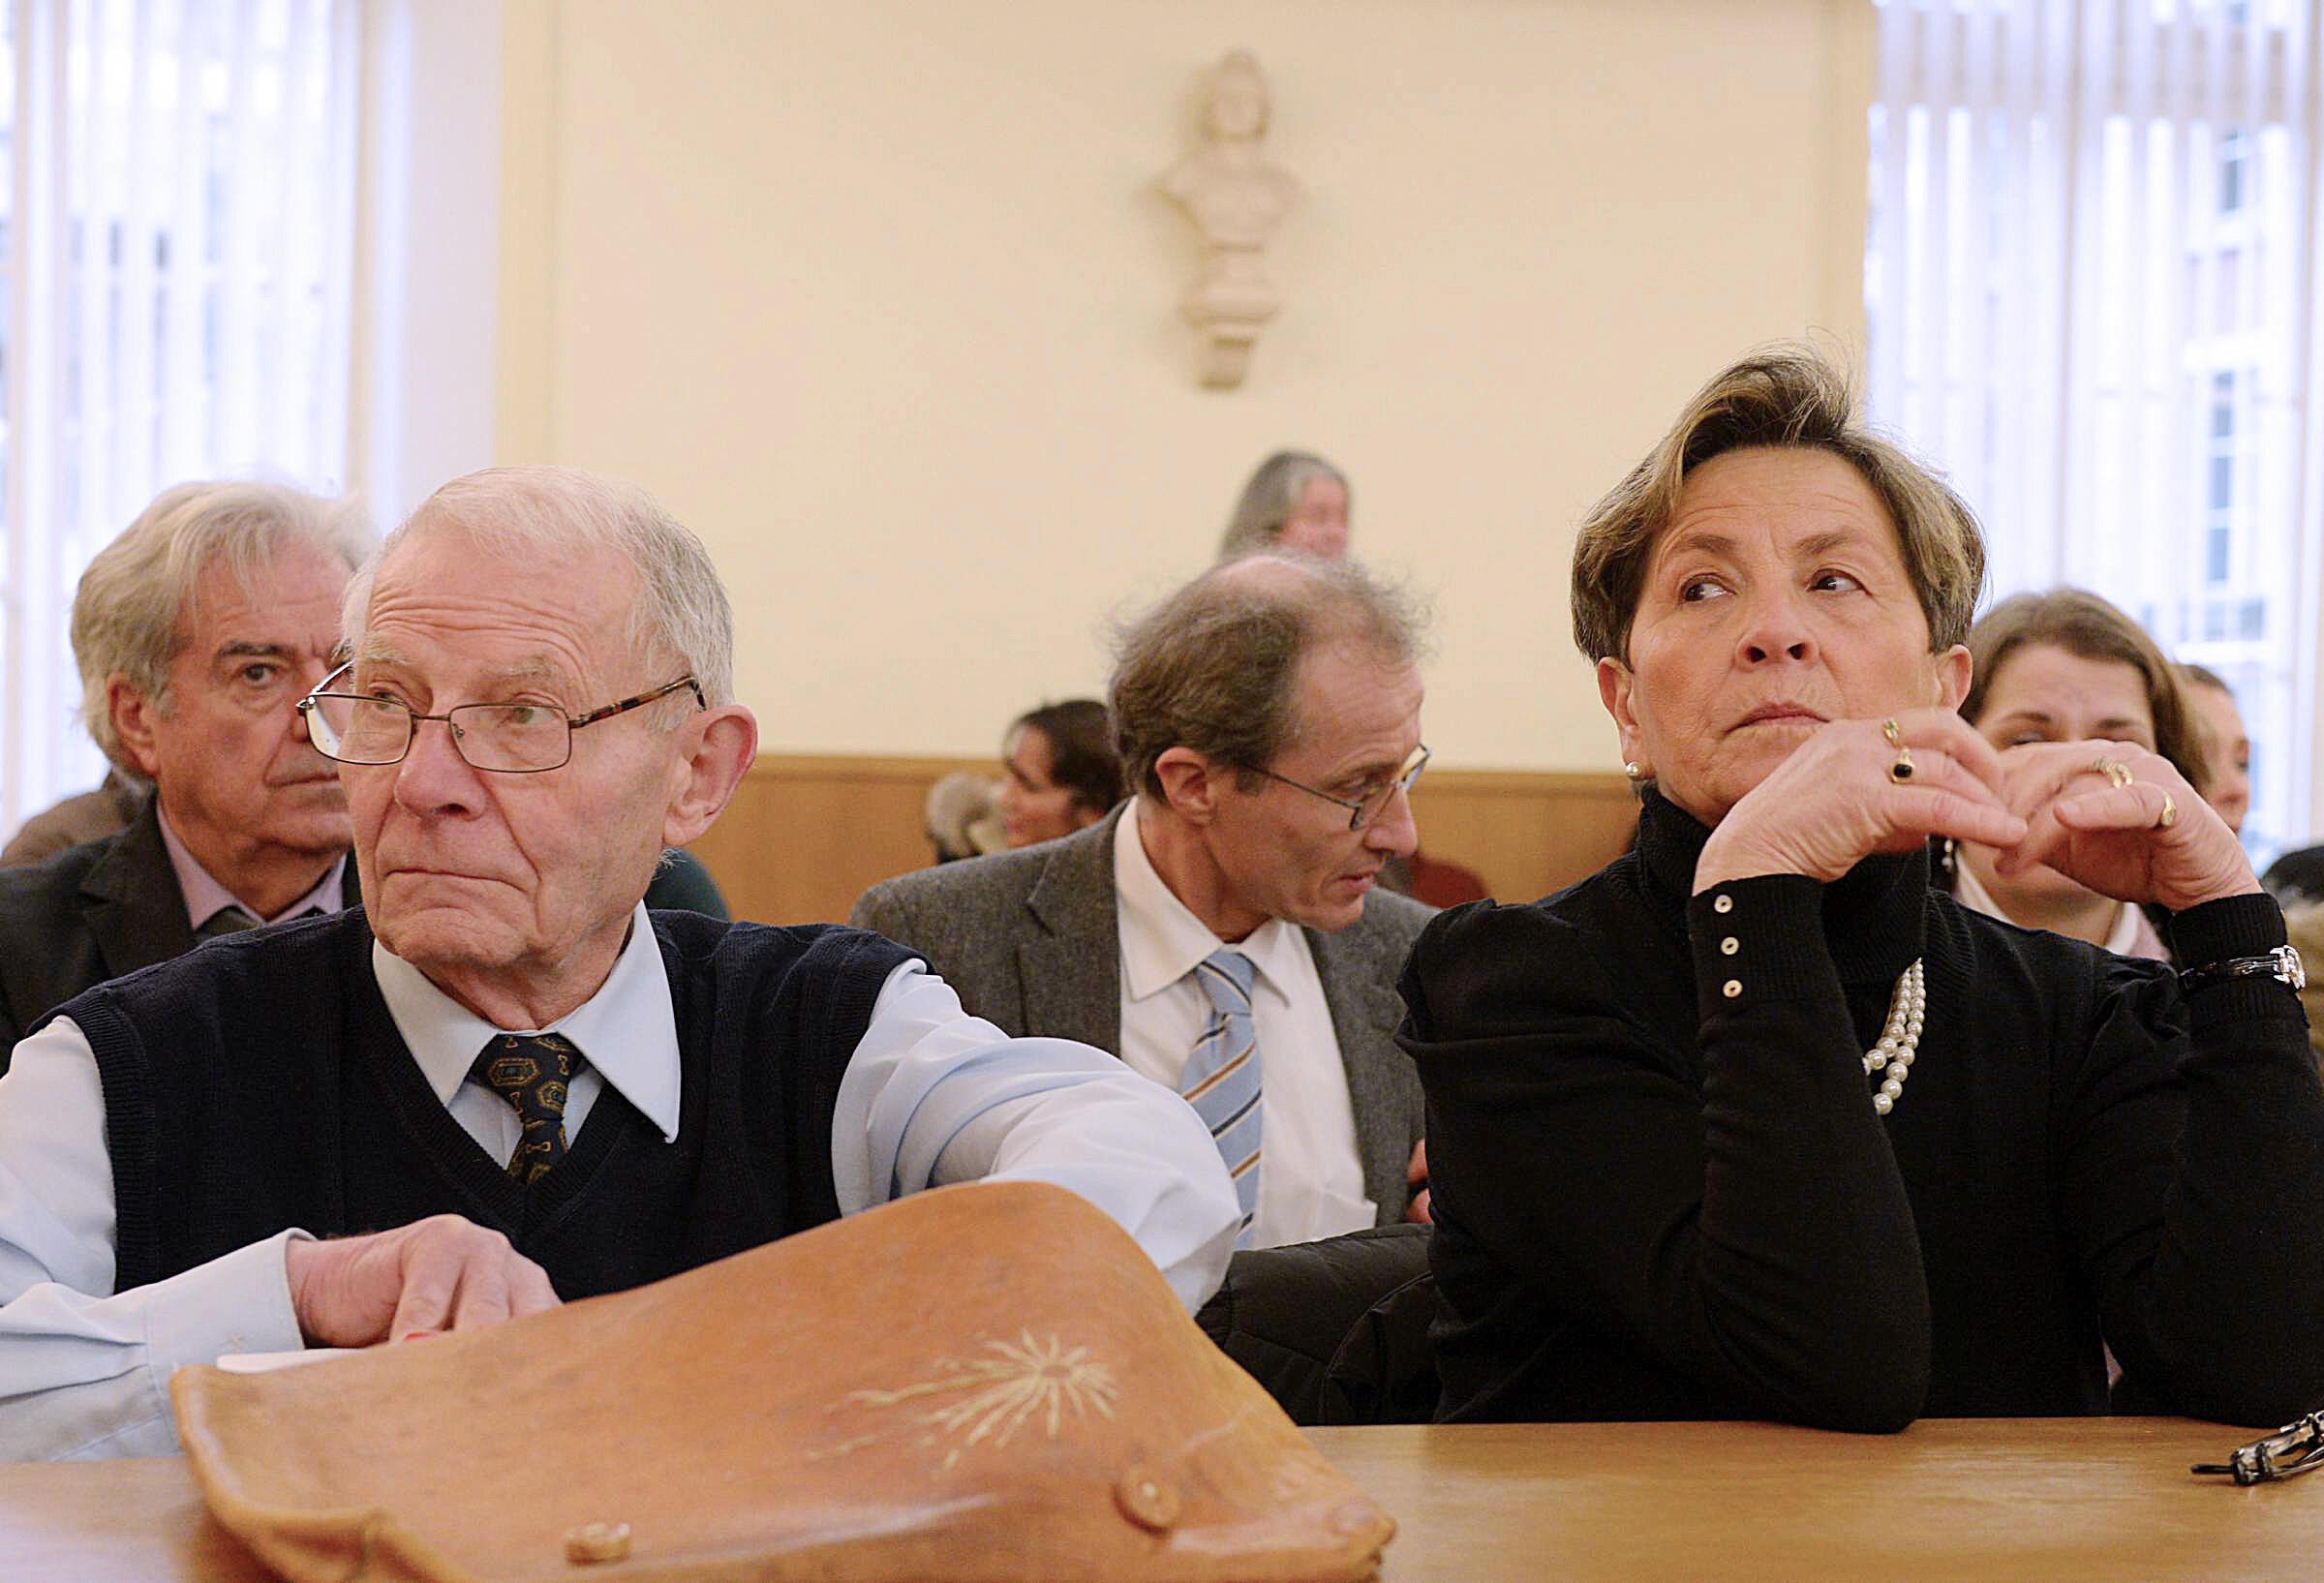 Os pais de Vincent Lambert, Pierre e Viviane, querem manter o filho em vida apesar de seu estado vegetativo.